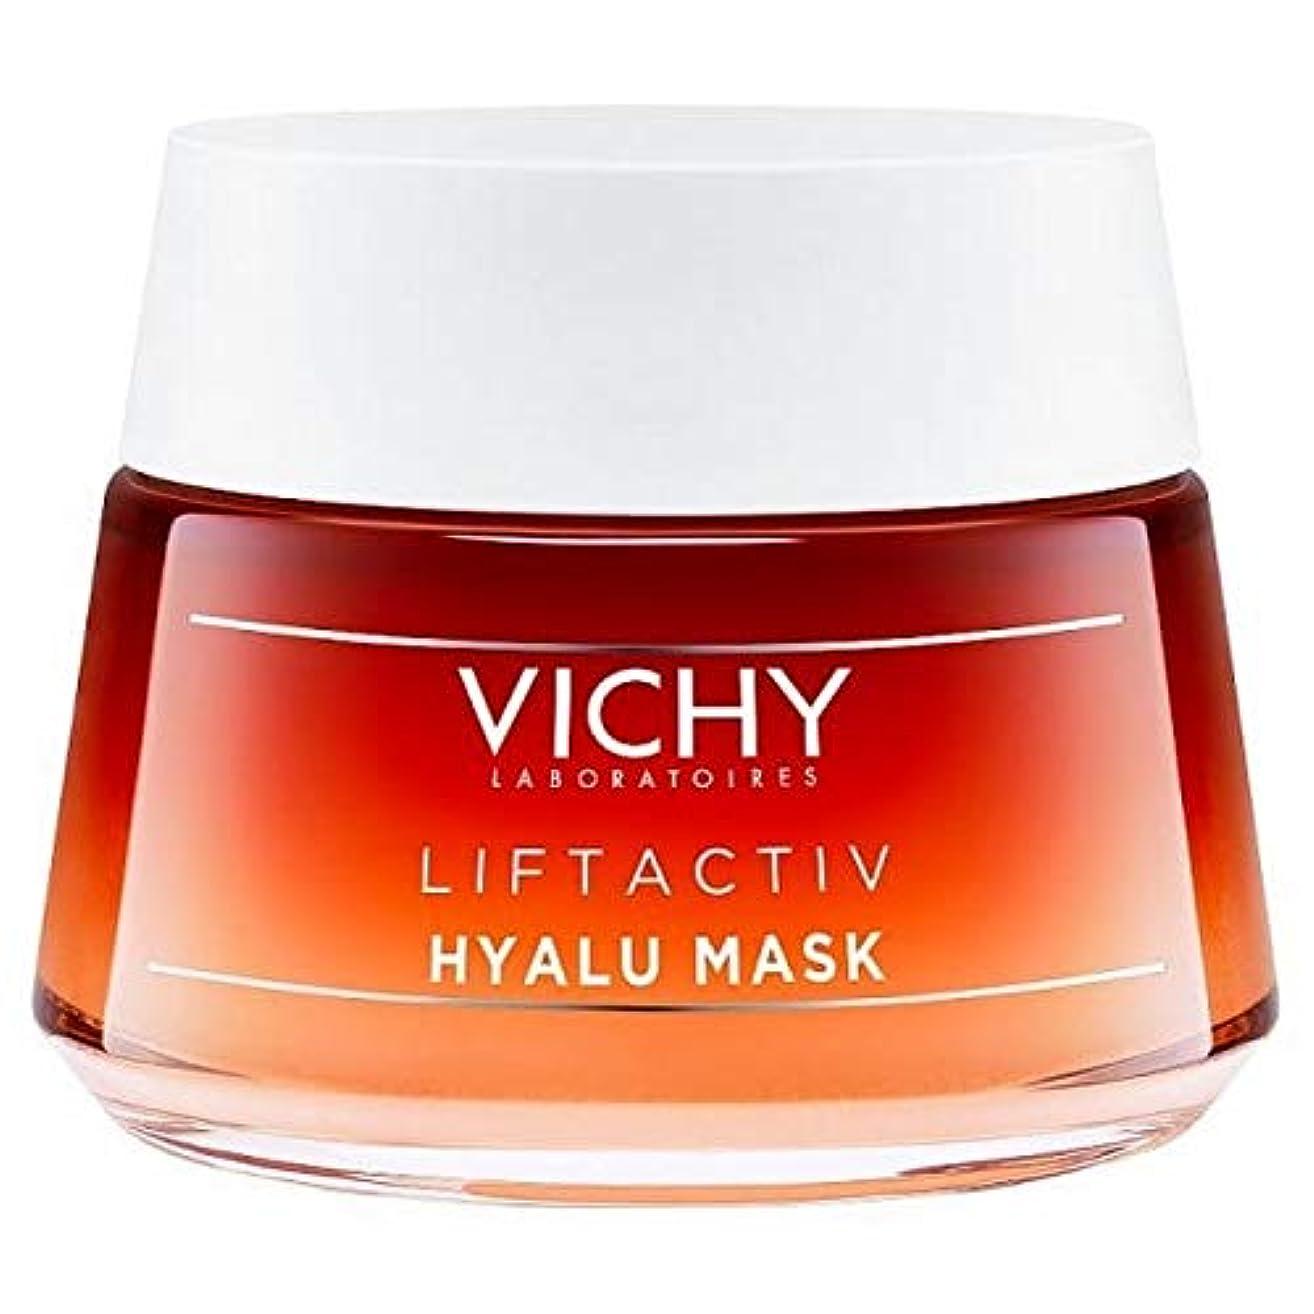 過去ベアリングサークル抑止する[Vichy] ヴィシーLiftactiv Hyaluマスク50ミリリットル - Vichy LiftActiv Hyalu Mask 50ml [並行輸入品]